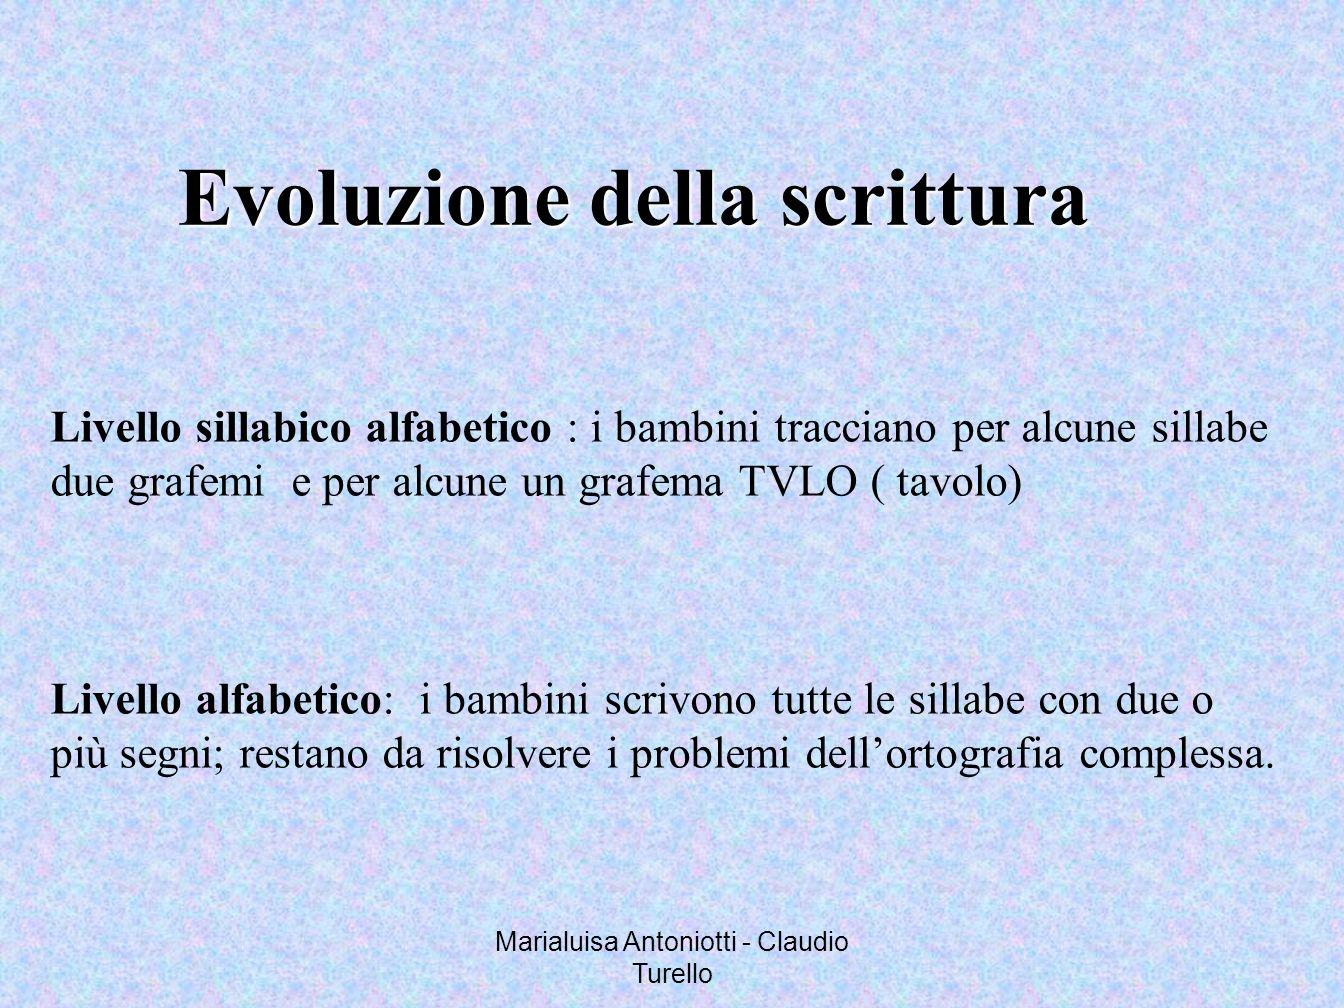 Marialuisa Antoniotti - Claudio Turello Evoluzione della scrittura Livello sillabico alfabetico : i bambini tracciano per alcune sillabe due grafemi e